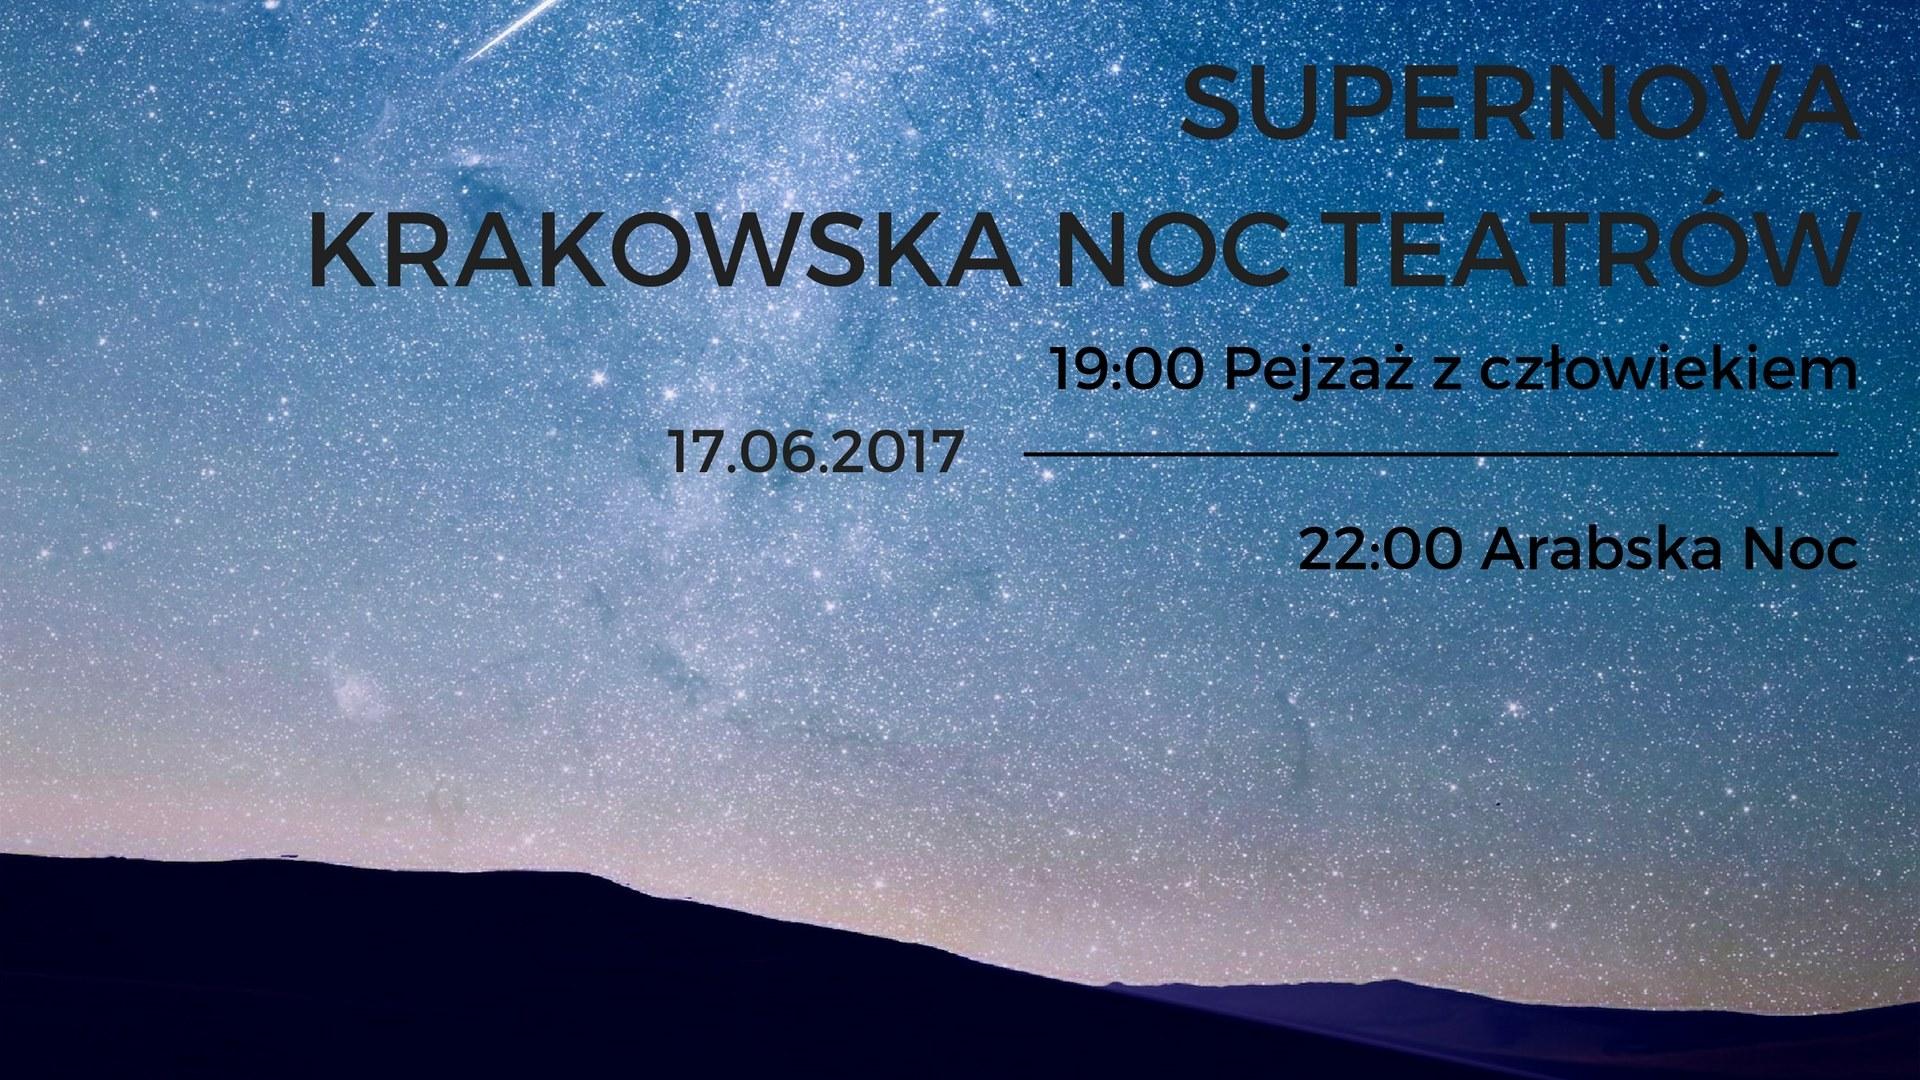 Supernova Krakowska Noc Teatrów